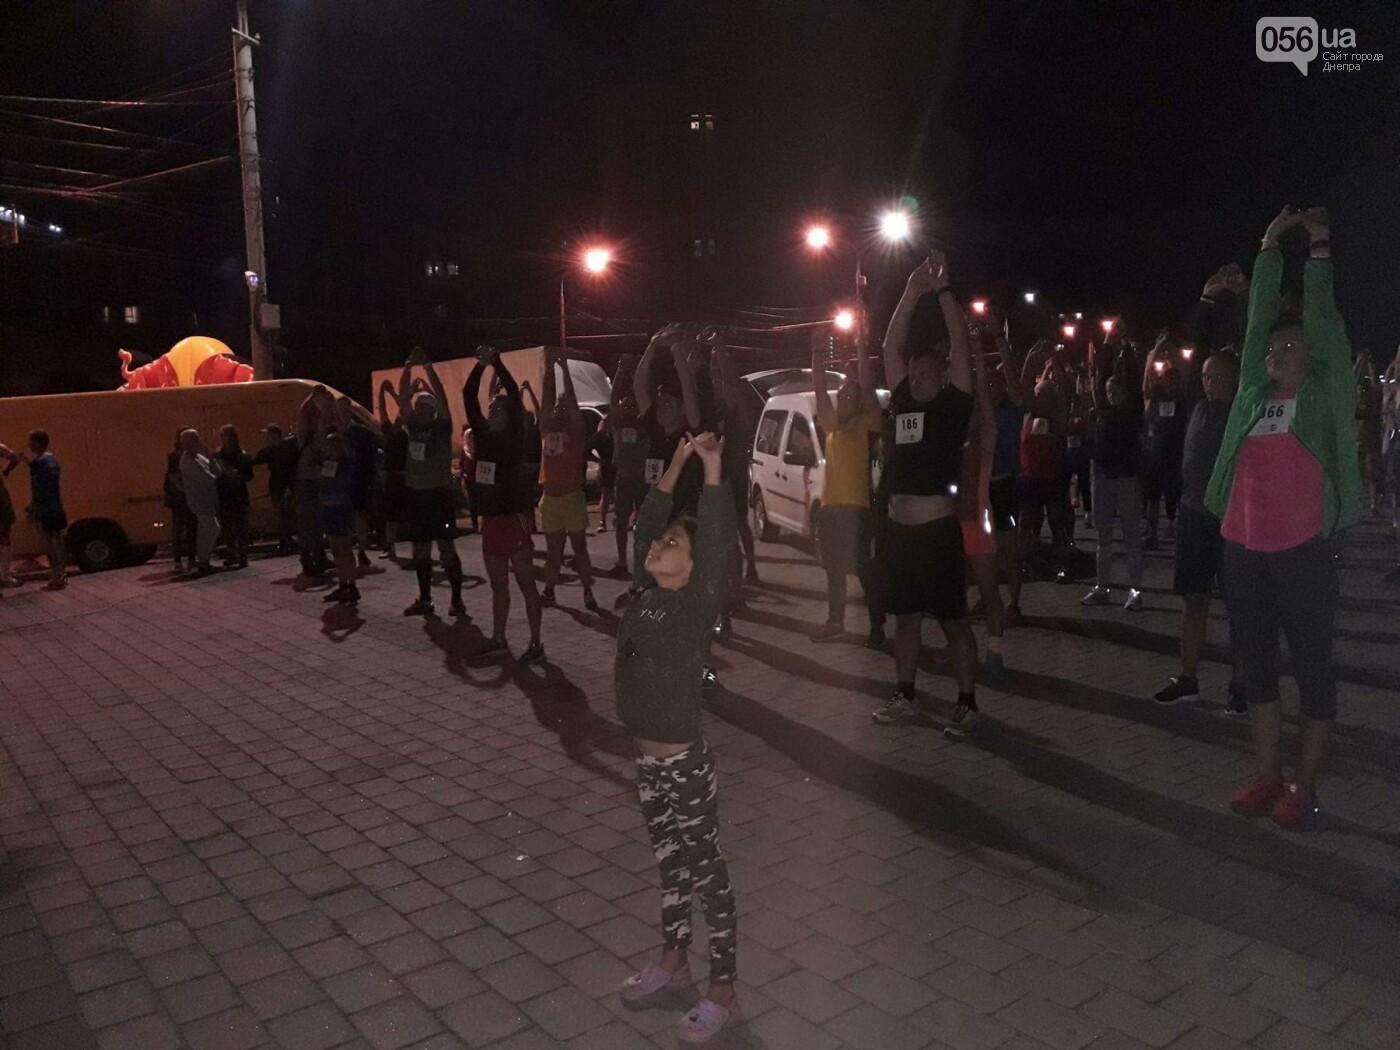 В Днепре прошел юбилейный ночной полумарафон по бегу: как это было,  - ФОТО, фото-12